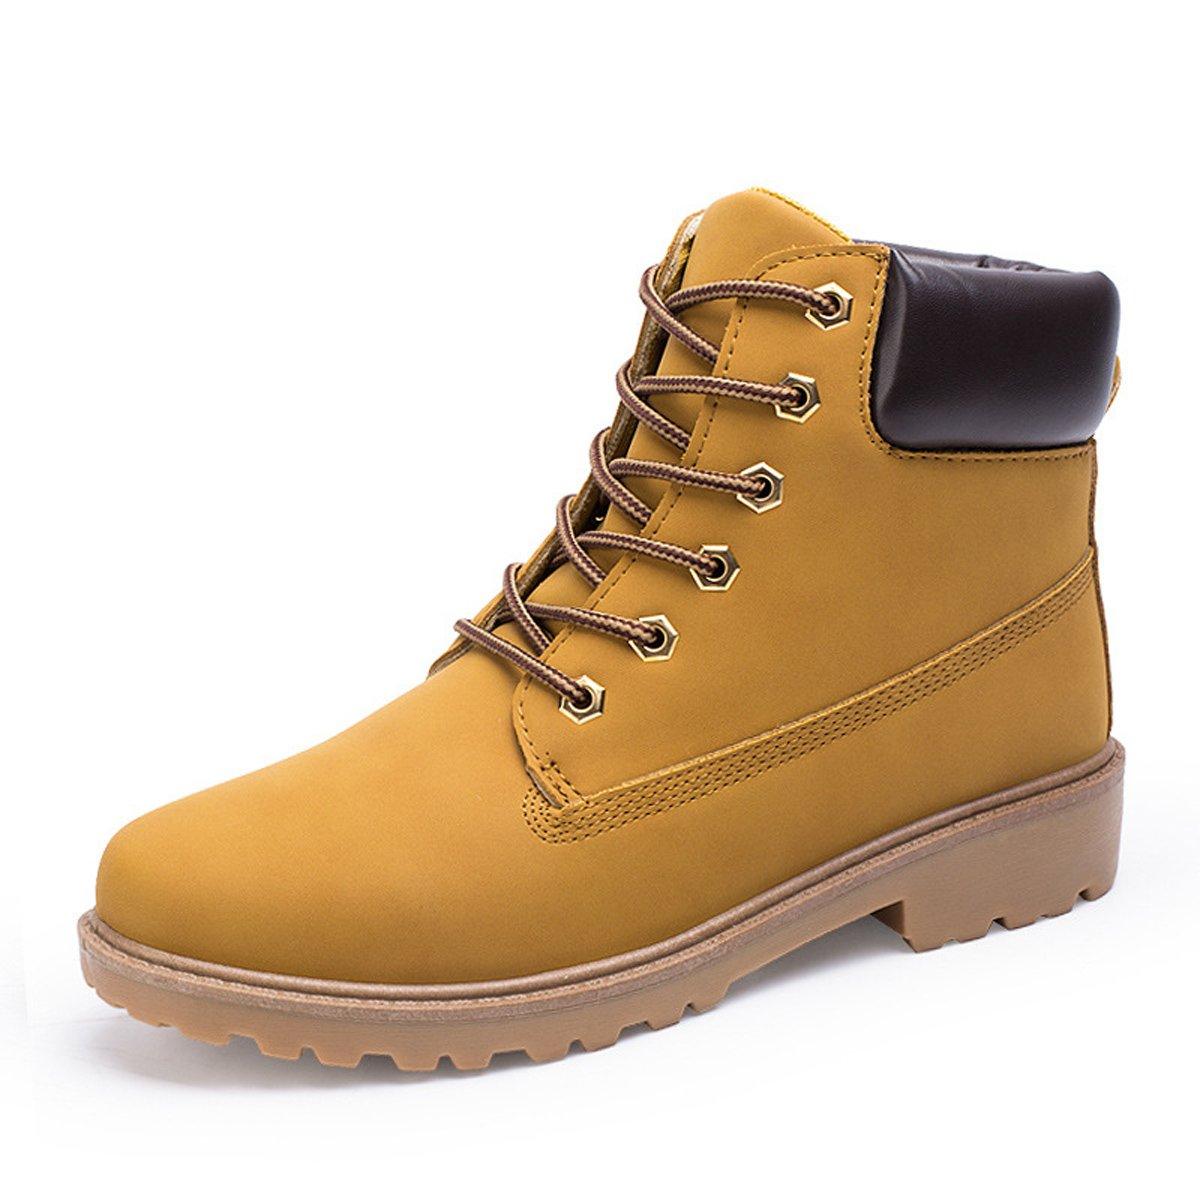 Herren Damen Leder Schnüren Sich oben Arbeit Desert Boots Stiefel Stiefeletten Outdoor Schuhe Tarnung 39 0cu12HfJ